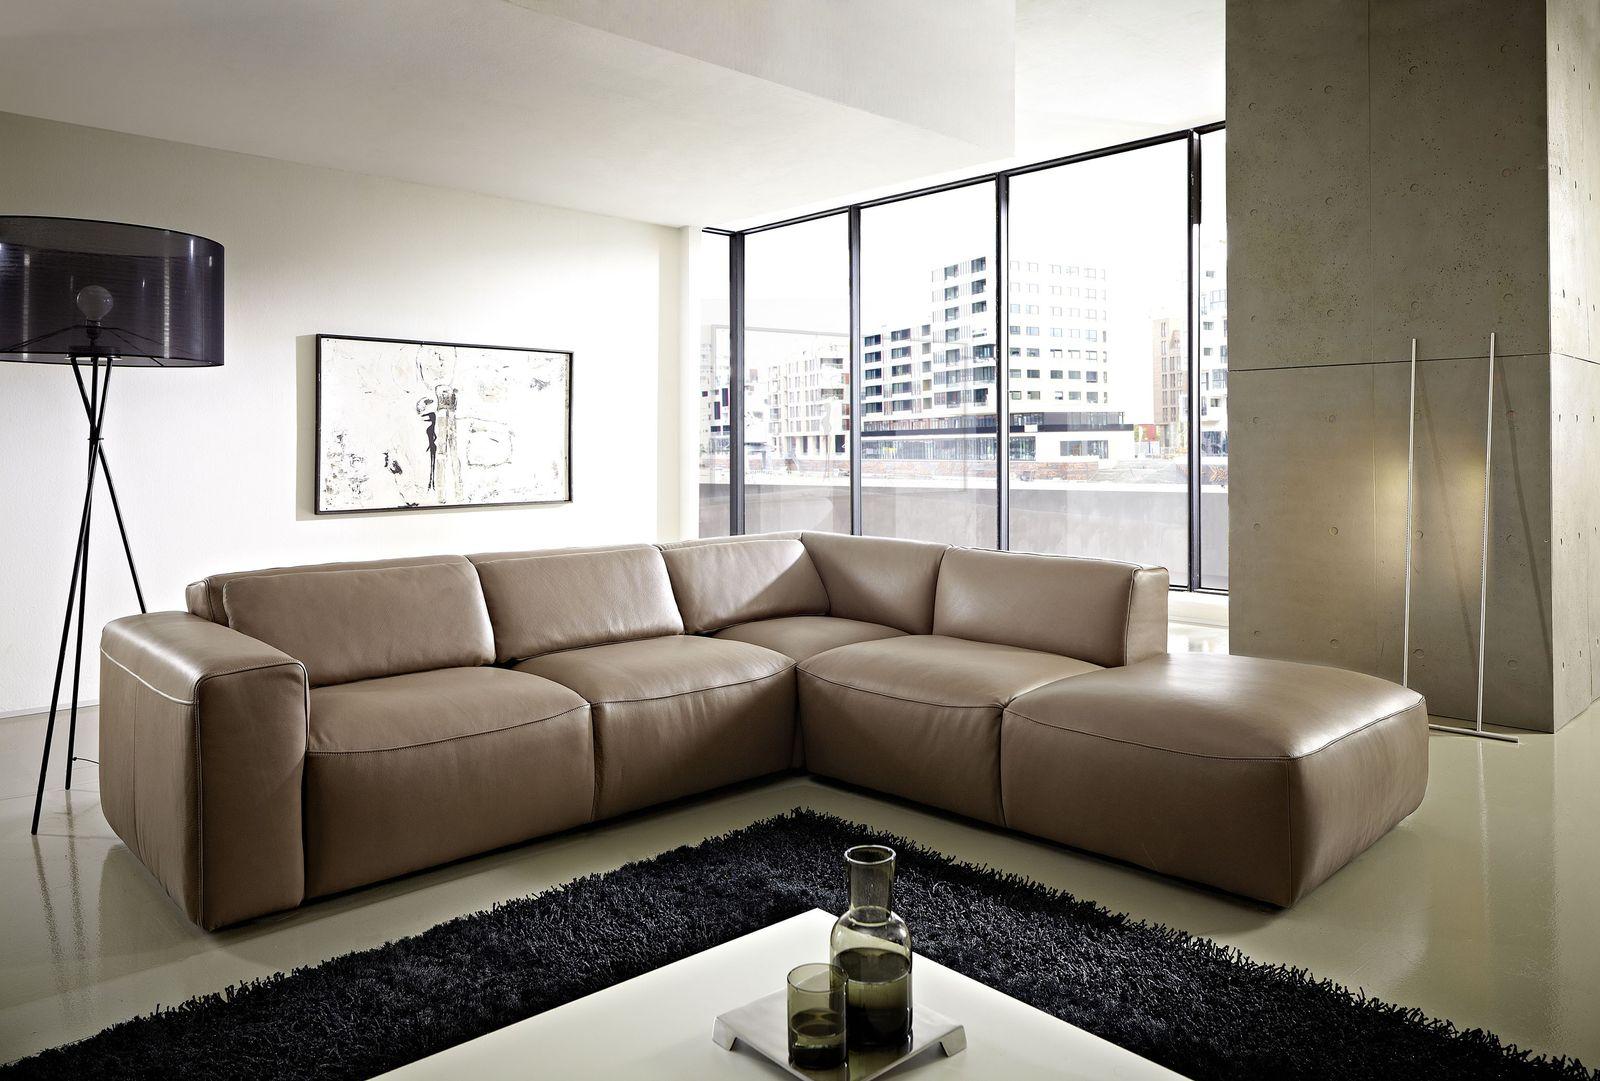 Frische Idee Zu sofakissen 60x60 Bild Von Wohndesign Stil